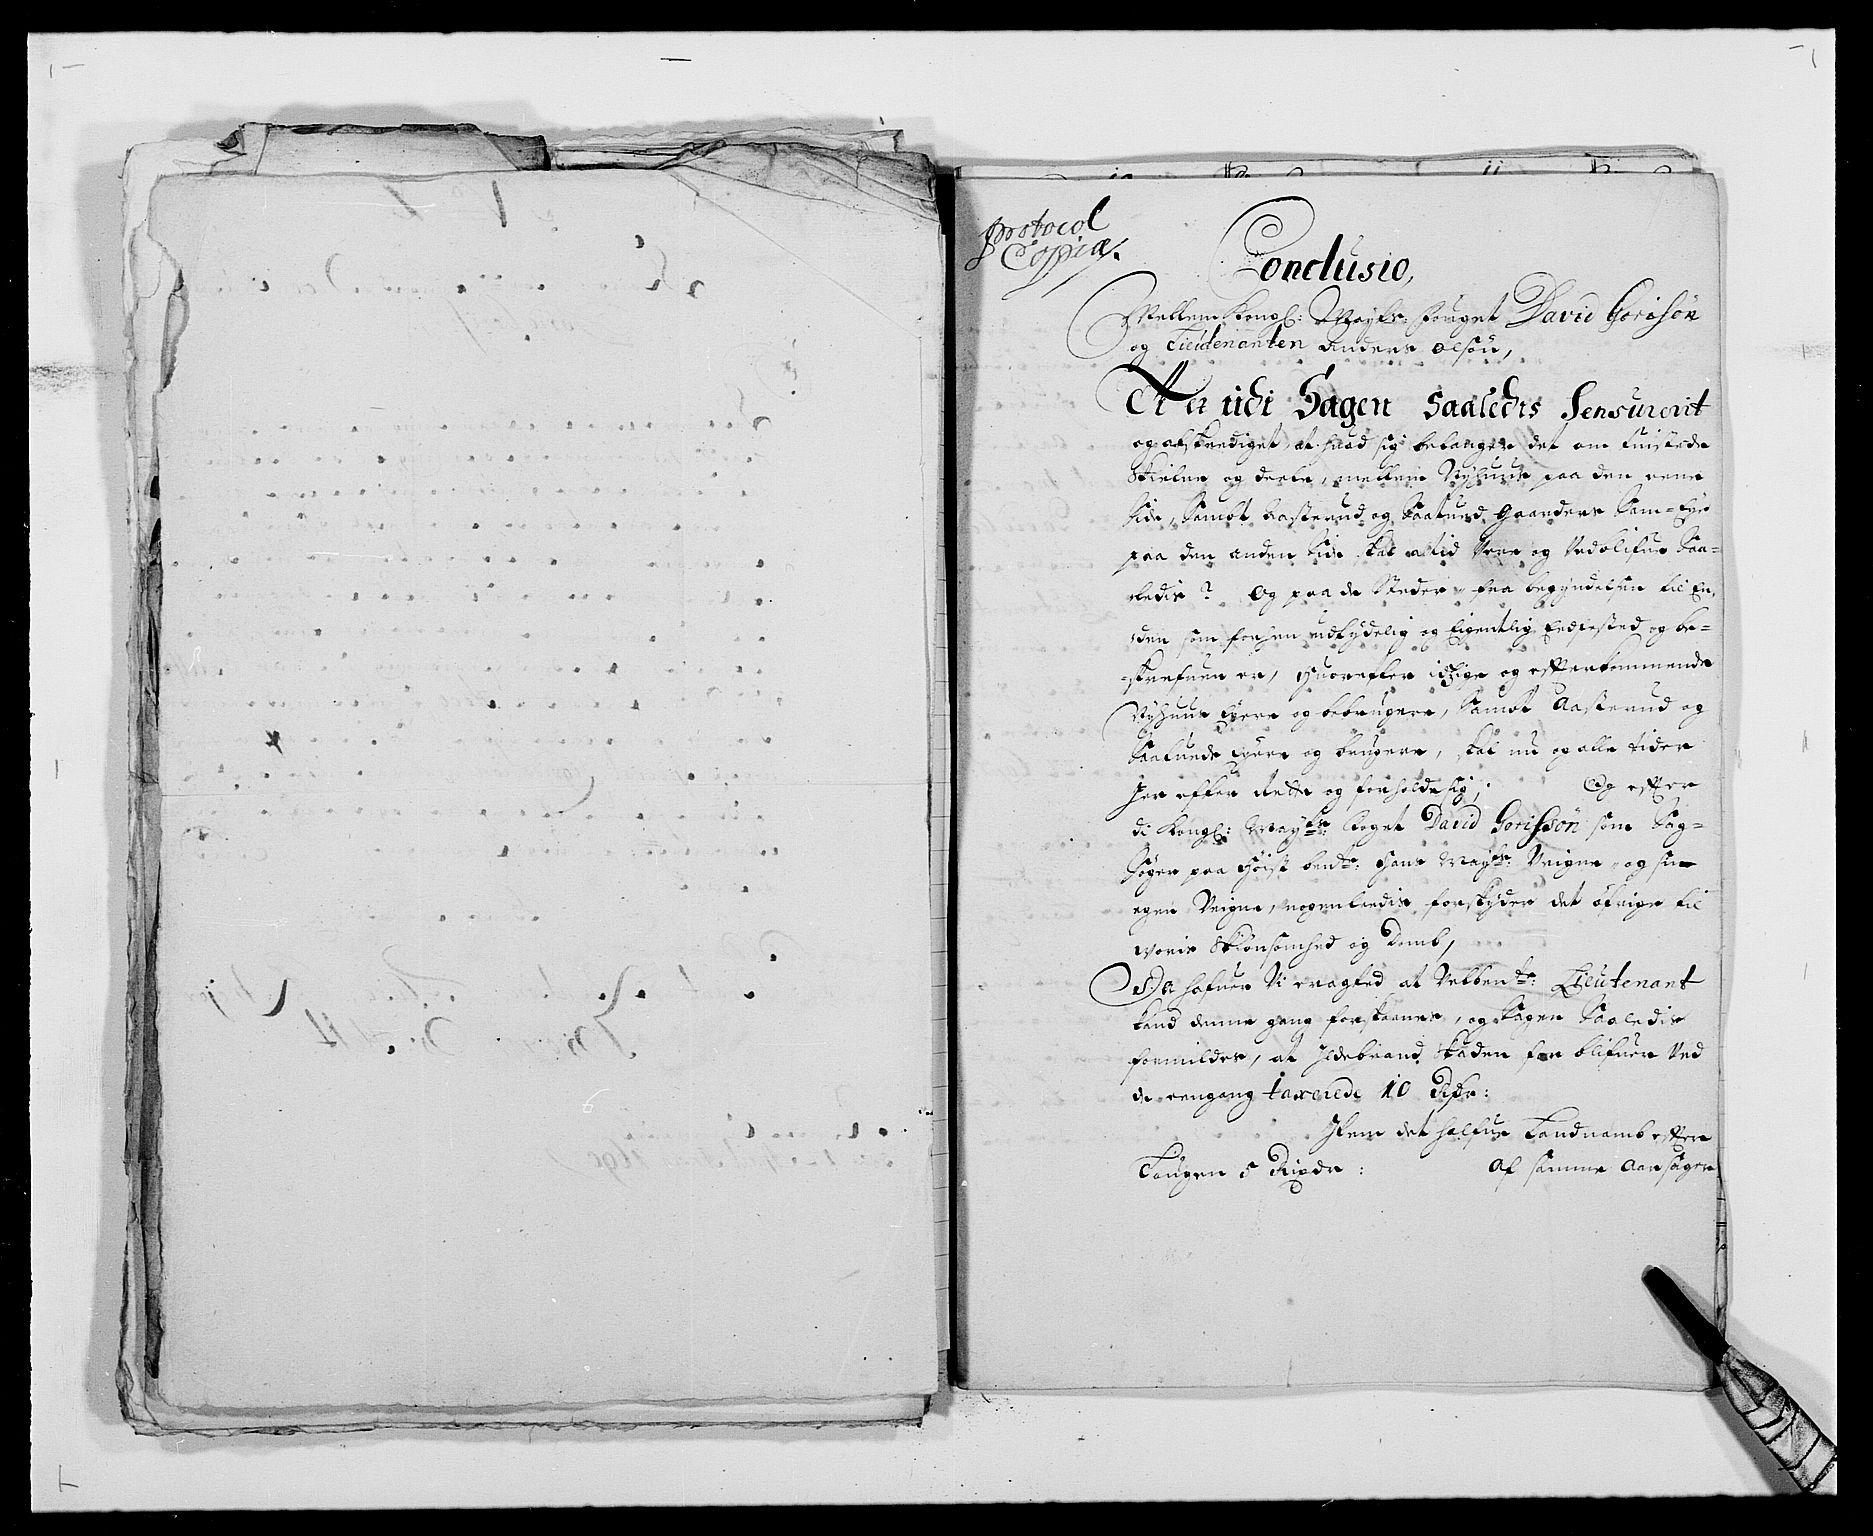 RA, Rentekammeret inntil 1814, Reviderte regnskaper, Fogderegnskap, R24/L1573: Fogderegnskap Numedal og Sandsvær, 1687-1691, s. 478